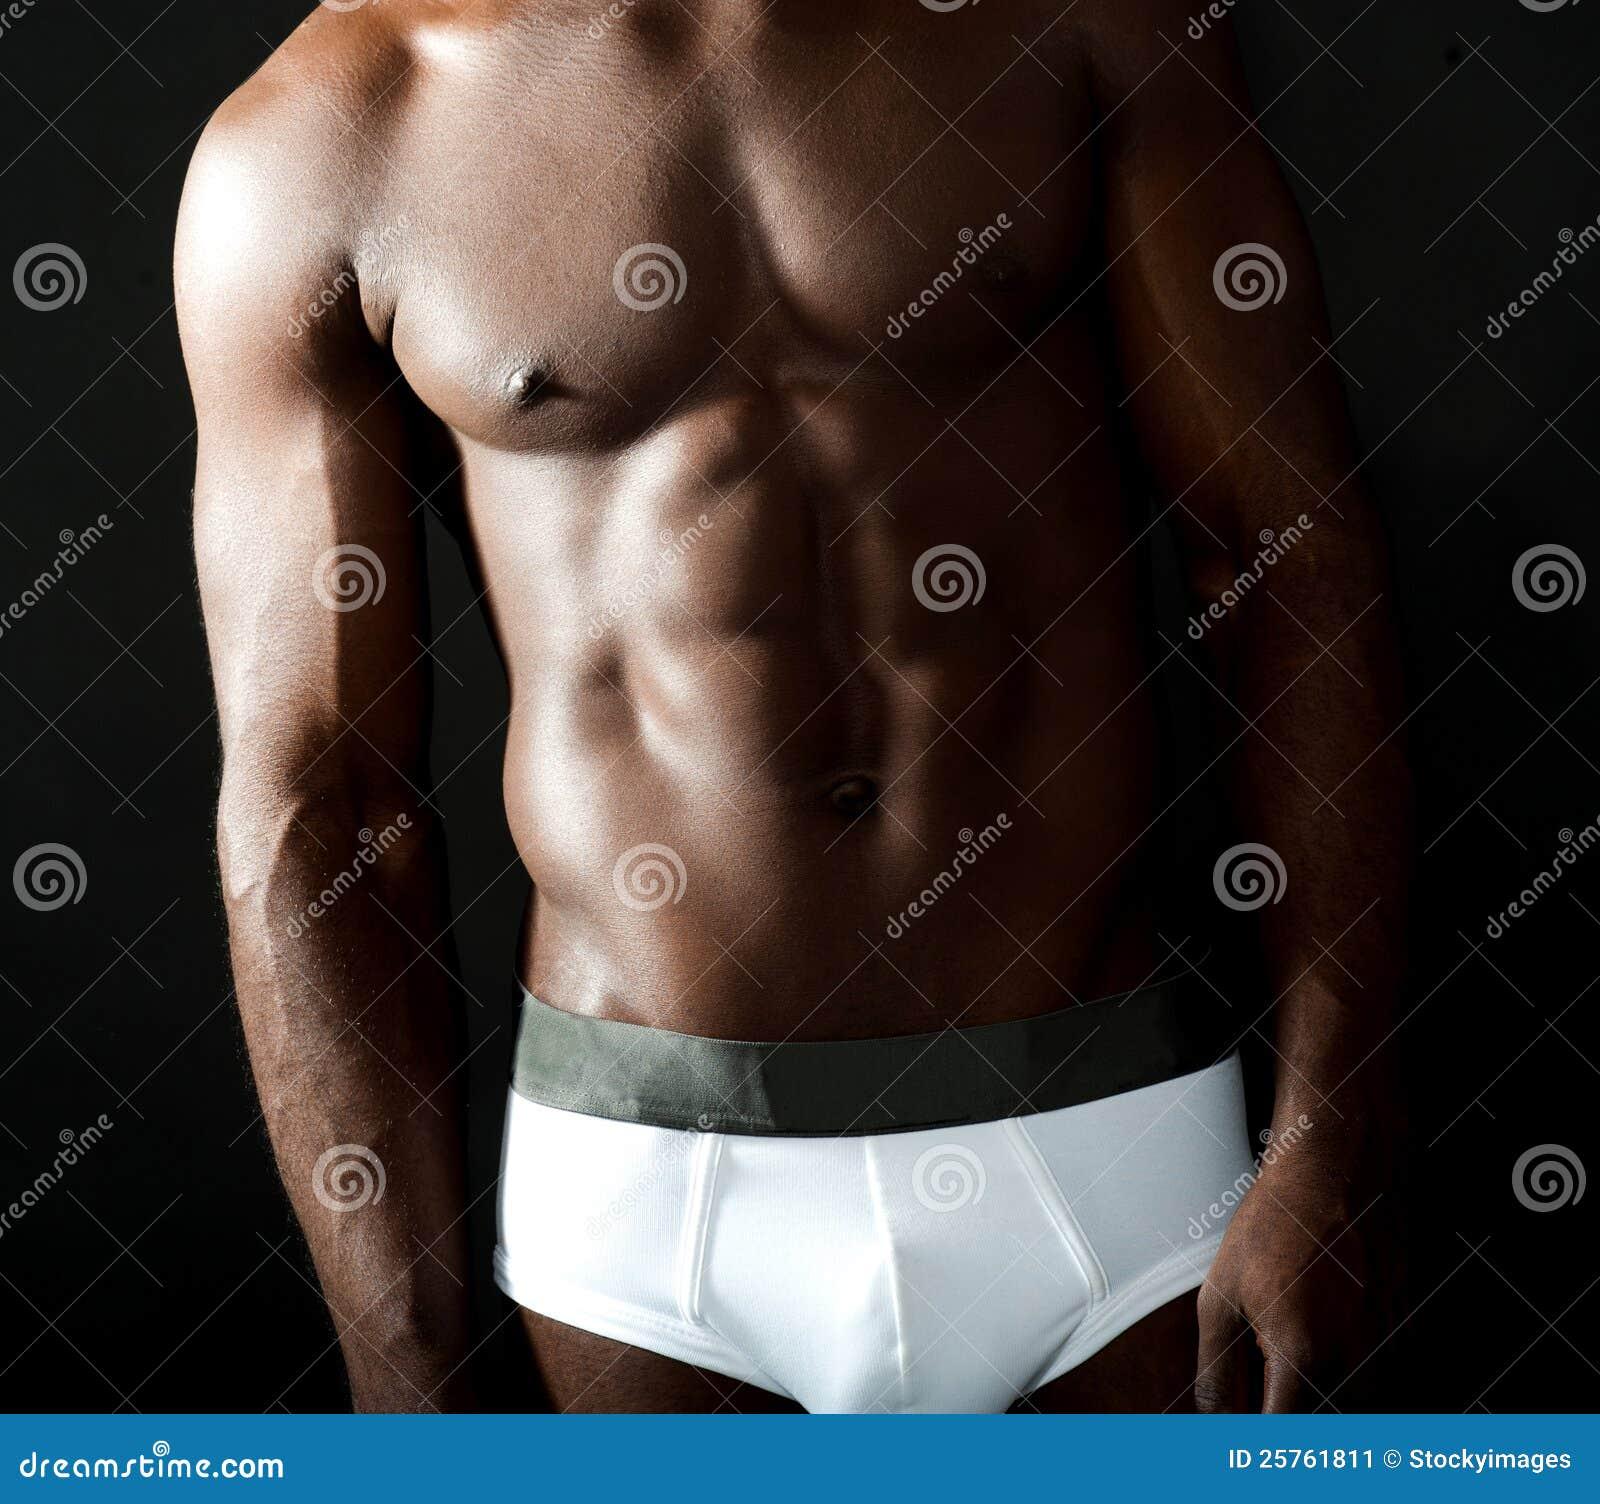 γυμνό μοντέλο φωτογράφηση